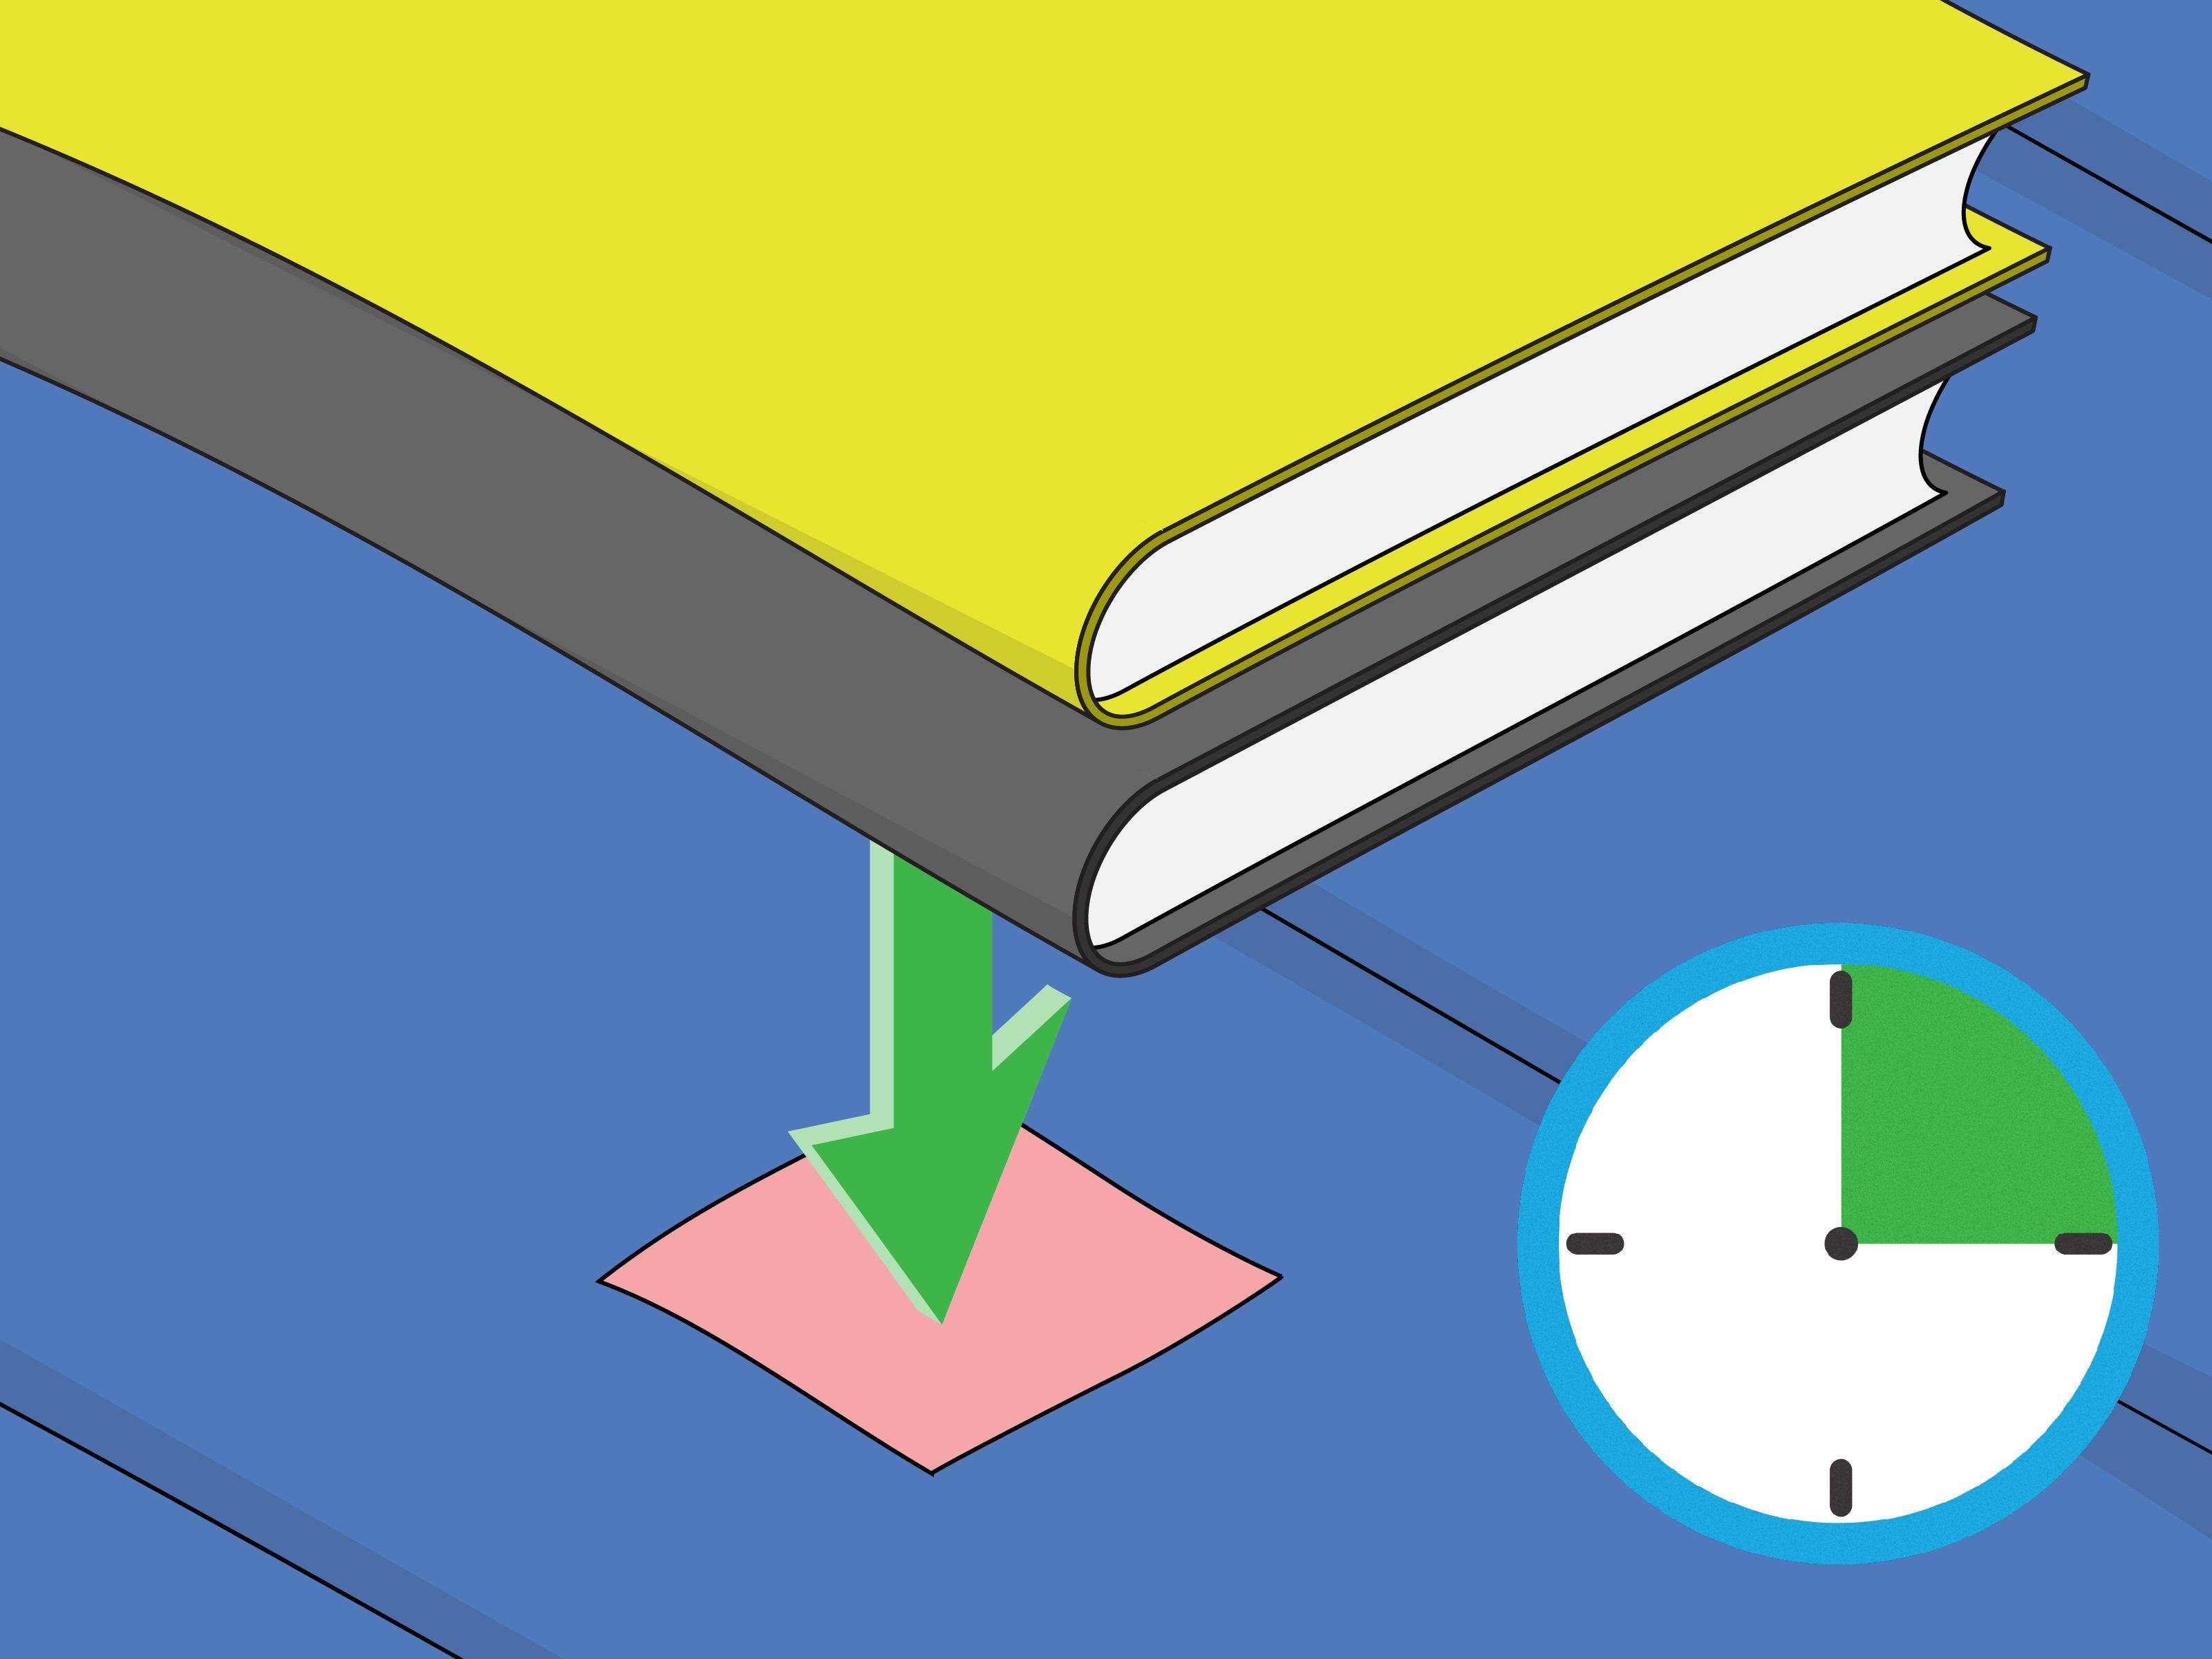 Patch a Leak in an Air Mattress Air mattress, Mattress